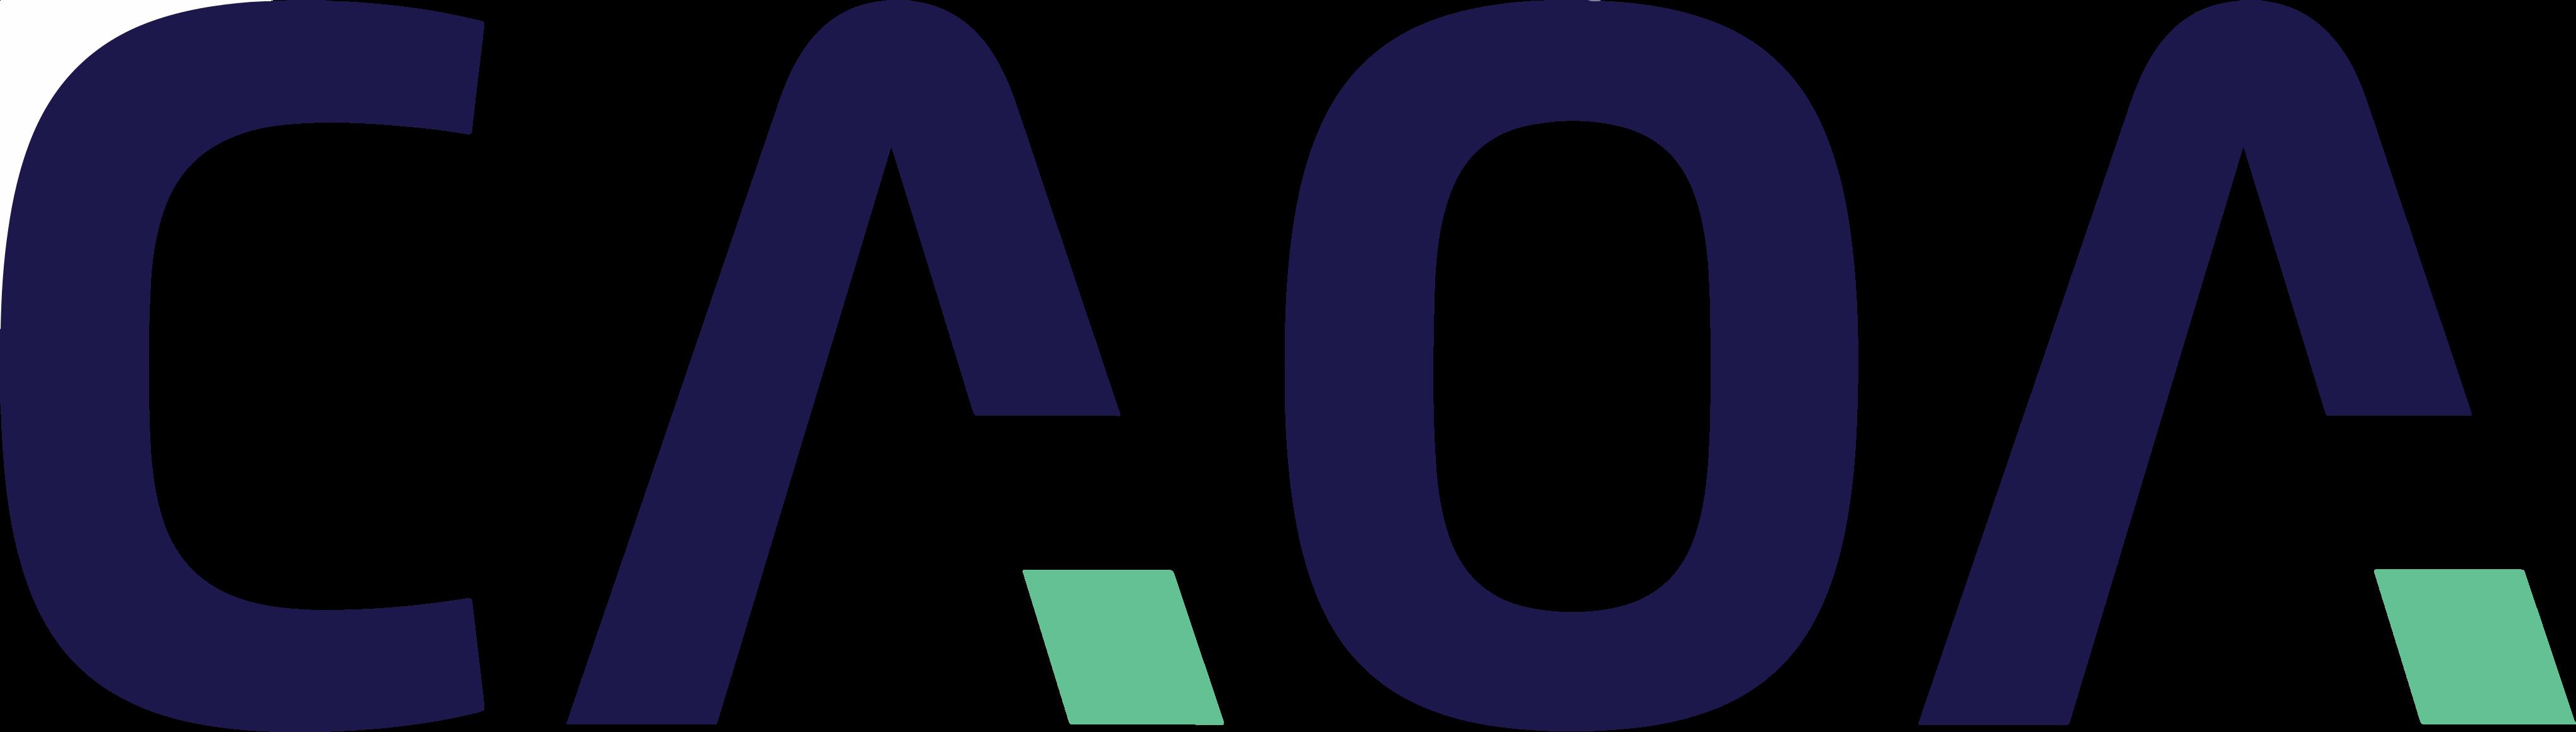 caoa logo - Caoa Logo